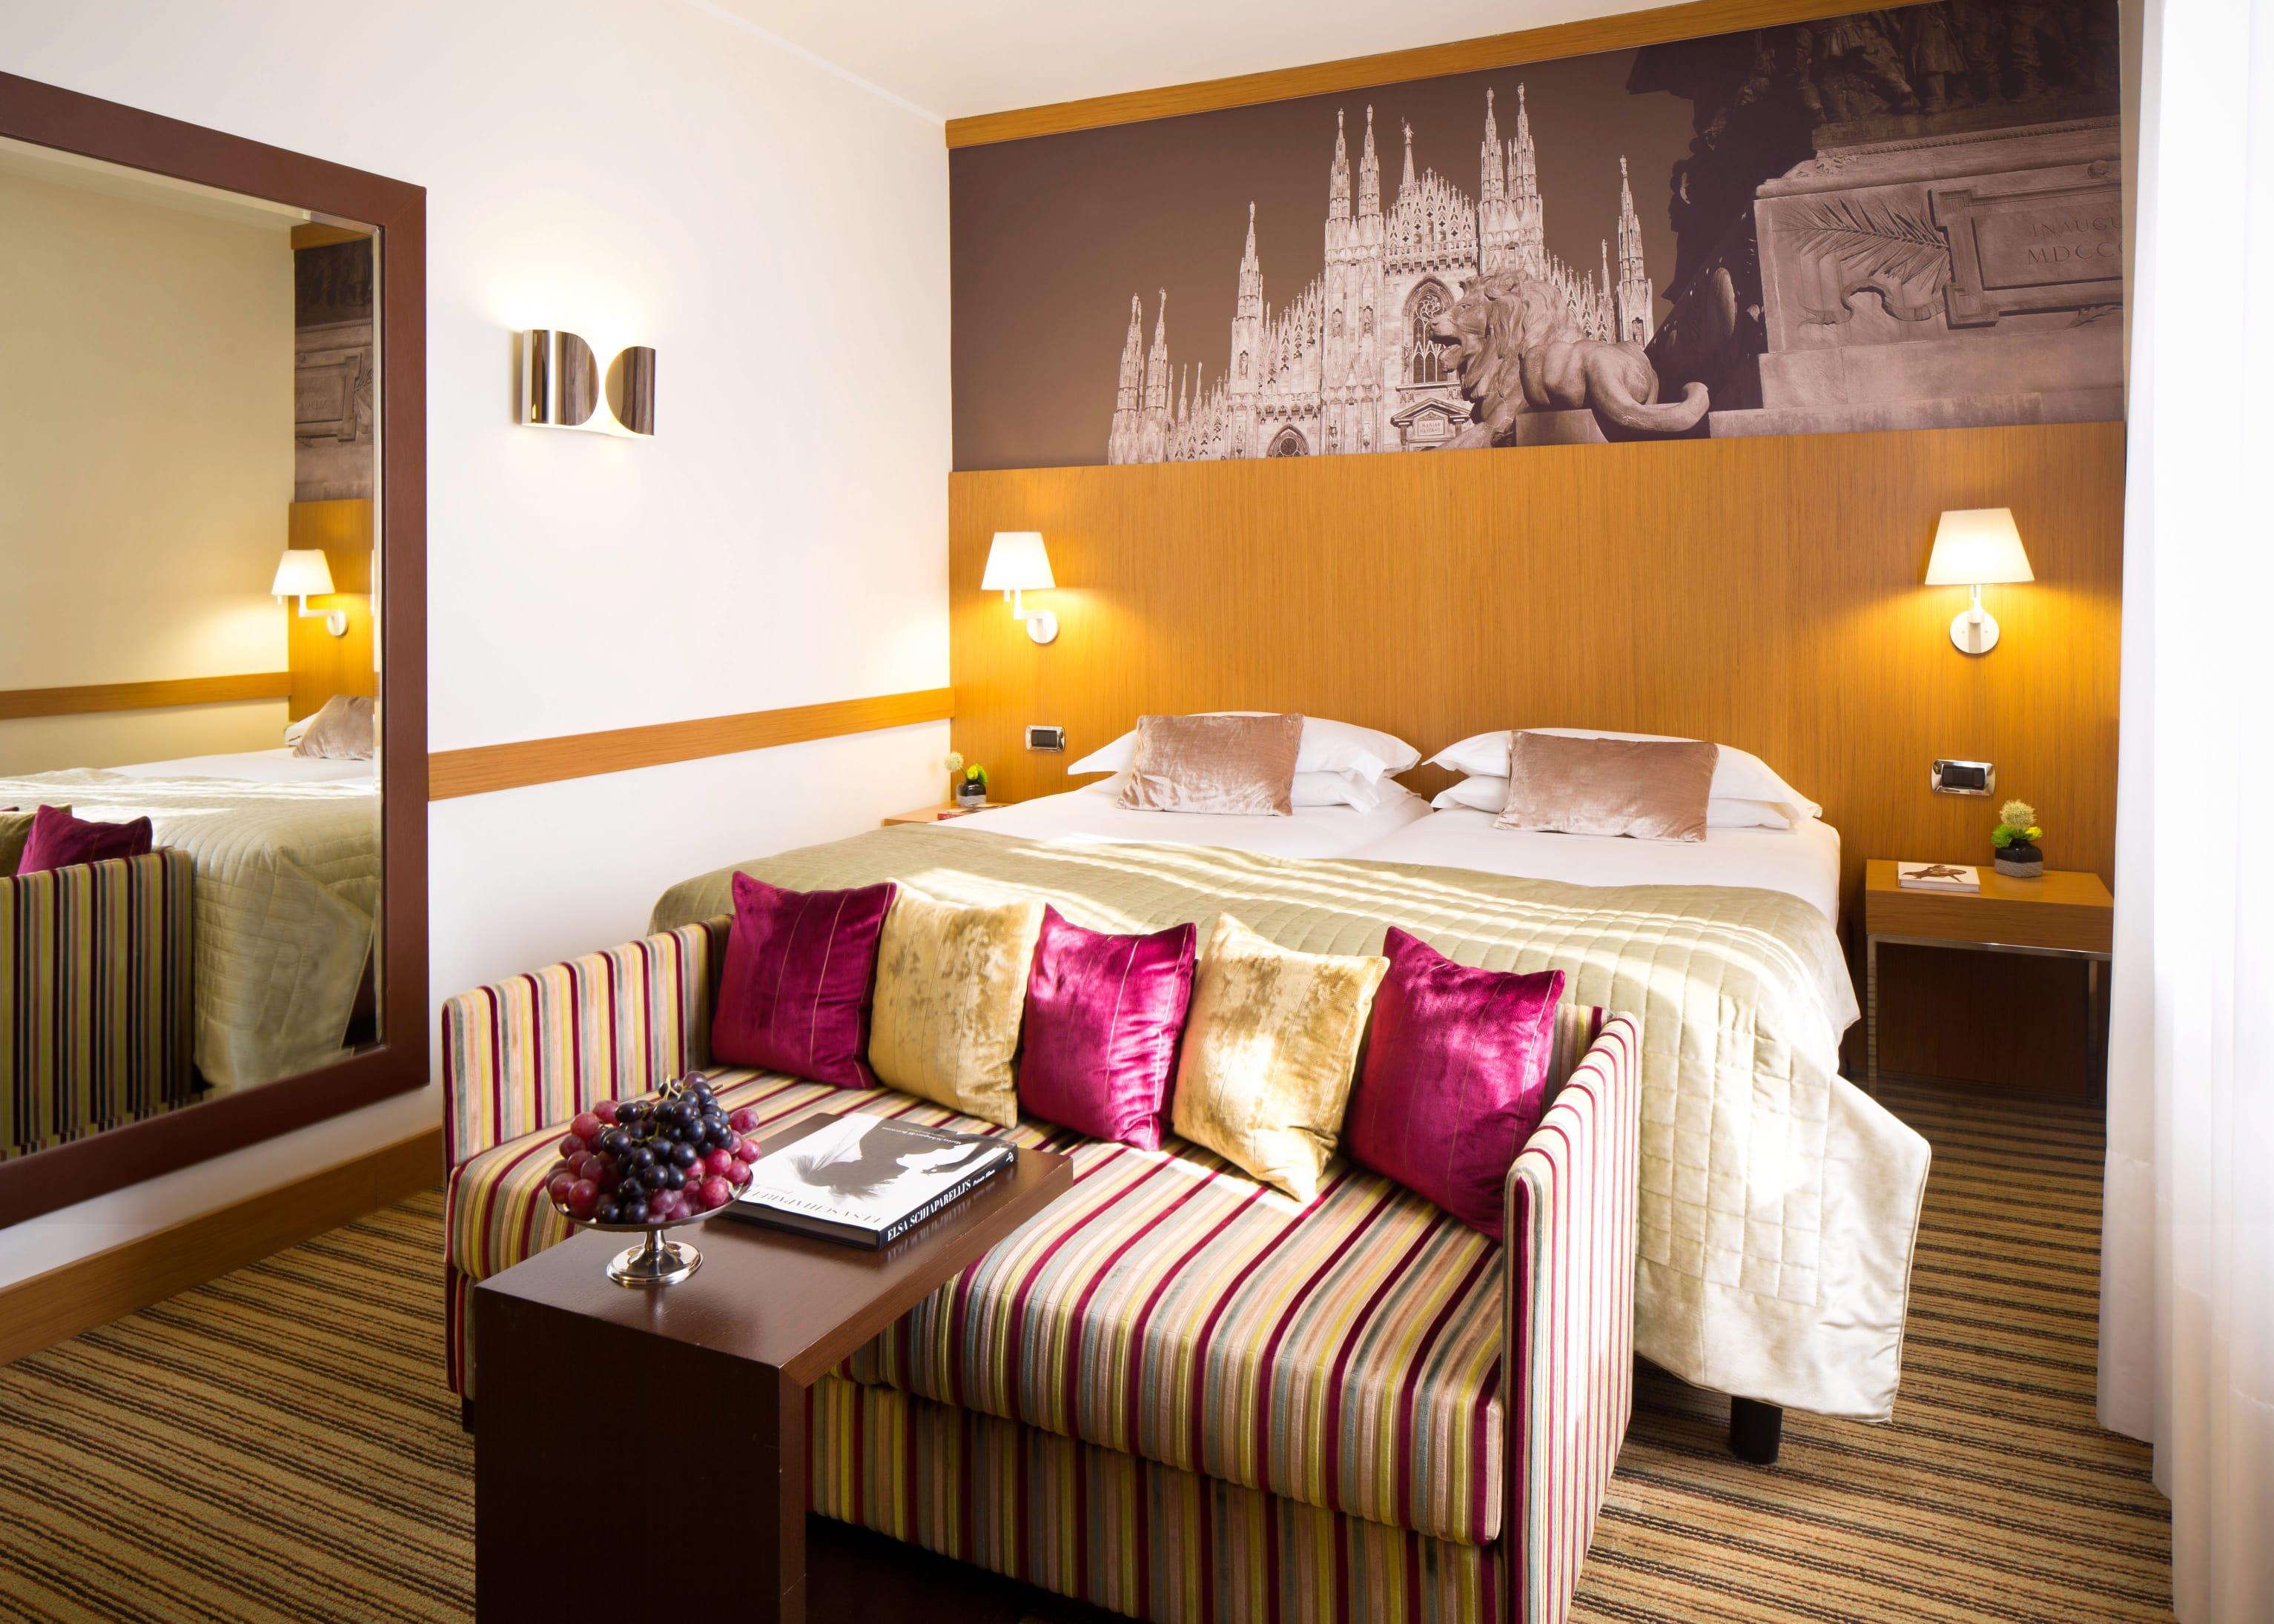 Madrid - Milán - Starhotels Tourist